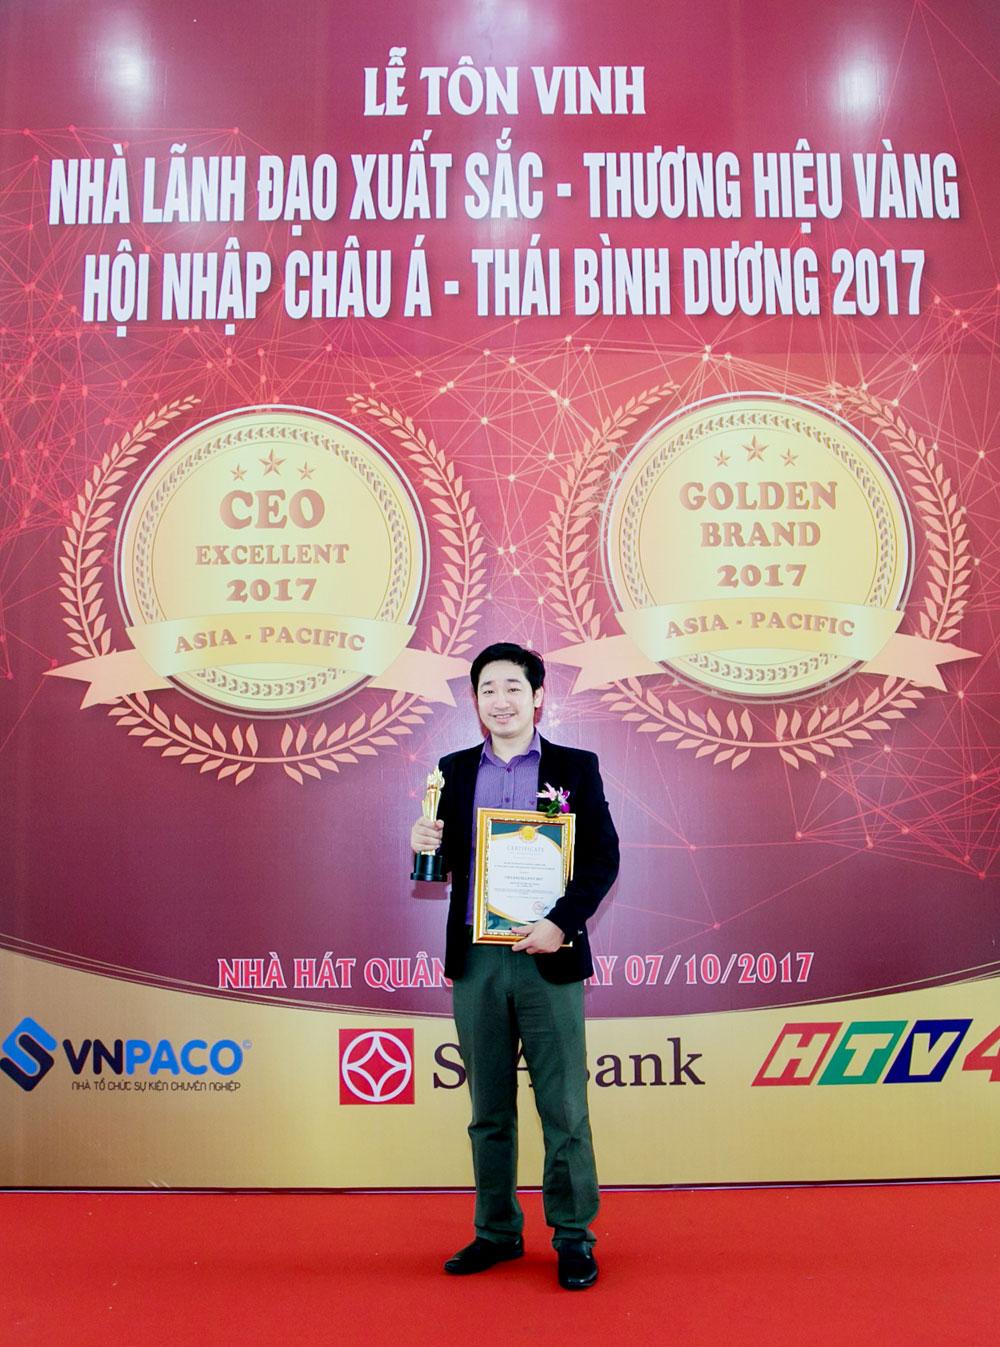 anh Đỗ Mạnh Hùng - Founder & CEO Novaedu.jsc vinh dự nhận giải thưởng cao qúy.